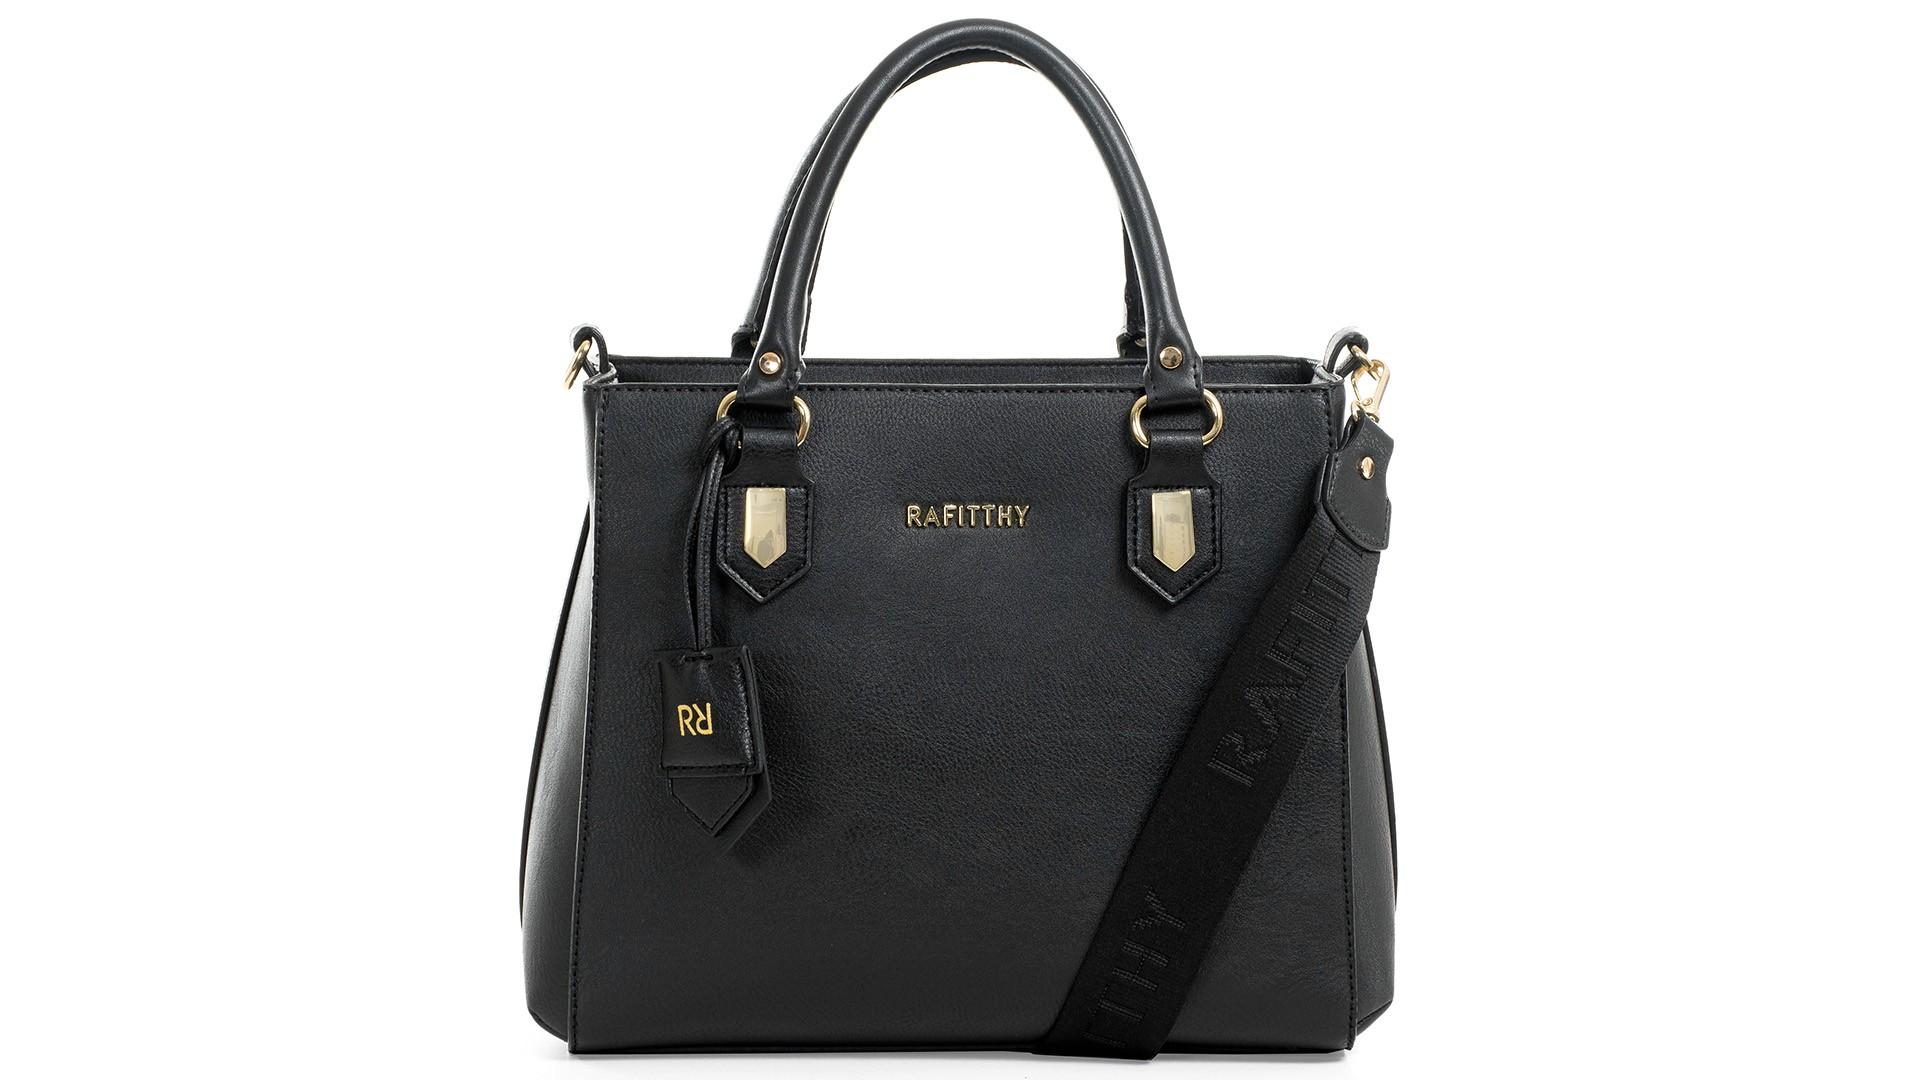 Bolsa Feminina Rafitthy 2802206A3 Preto